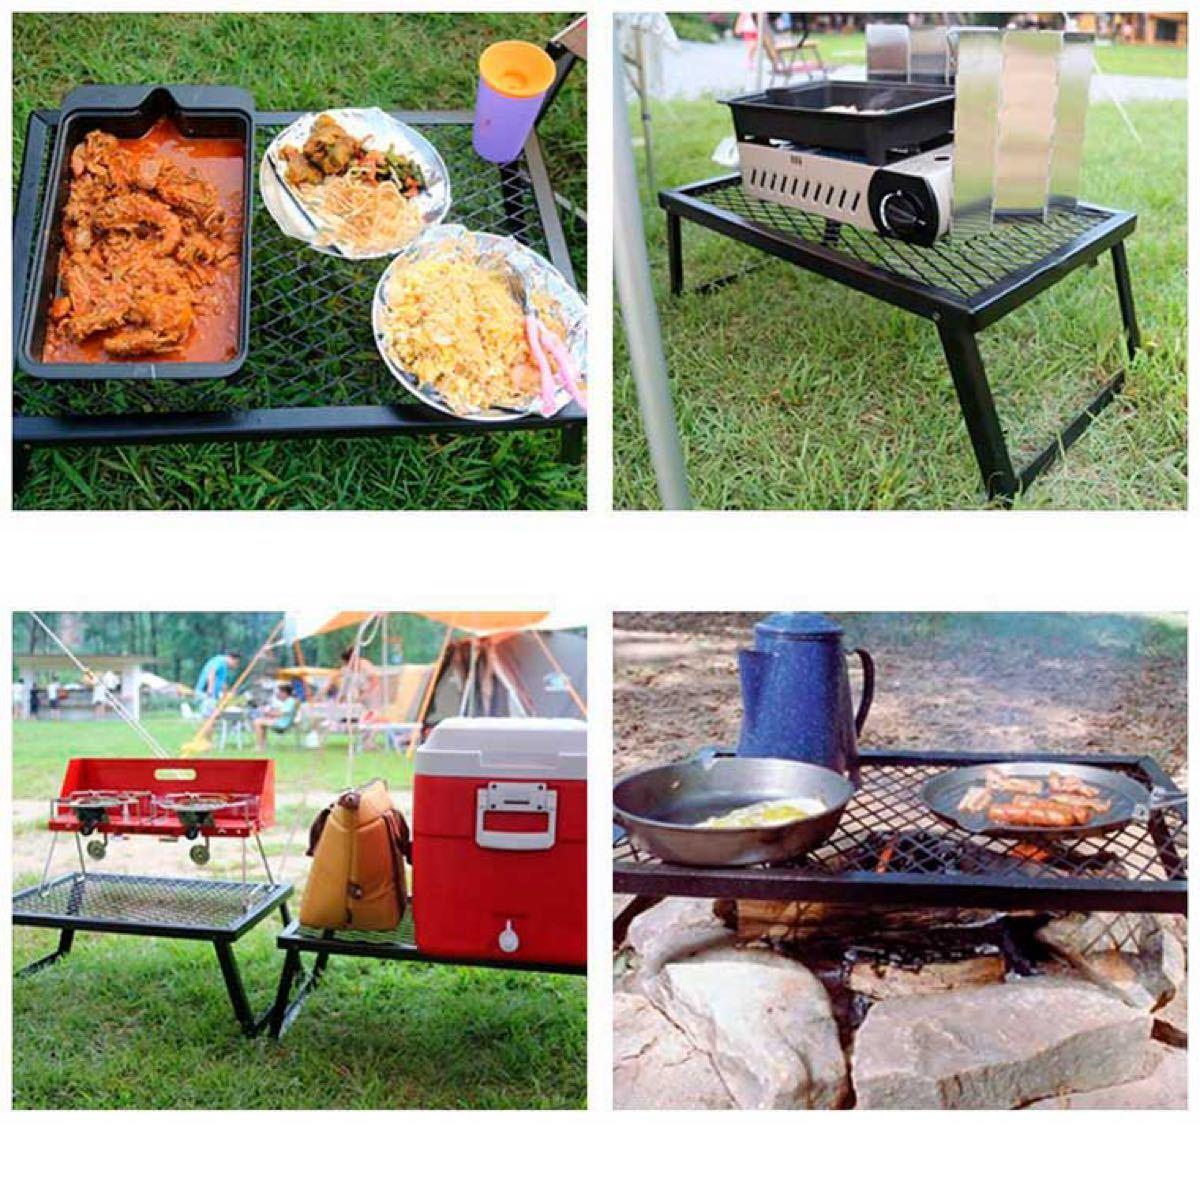 アイアン ローテーブル メッシュ キャンプテーブル グリル アウトドア 焚き火台